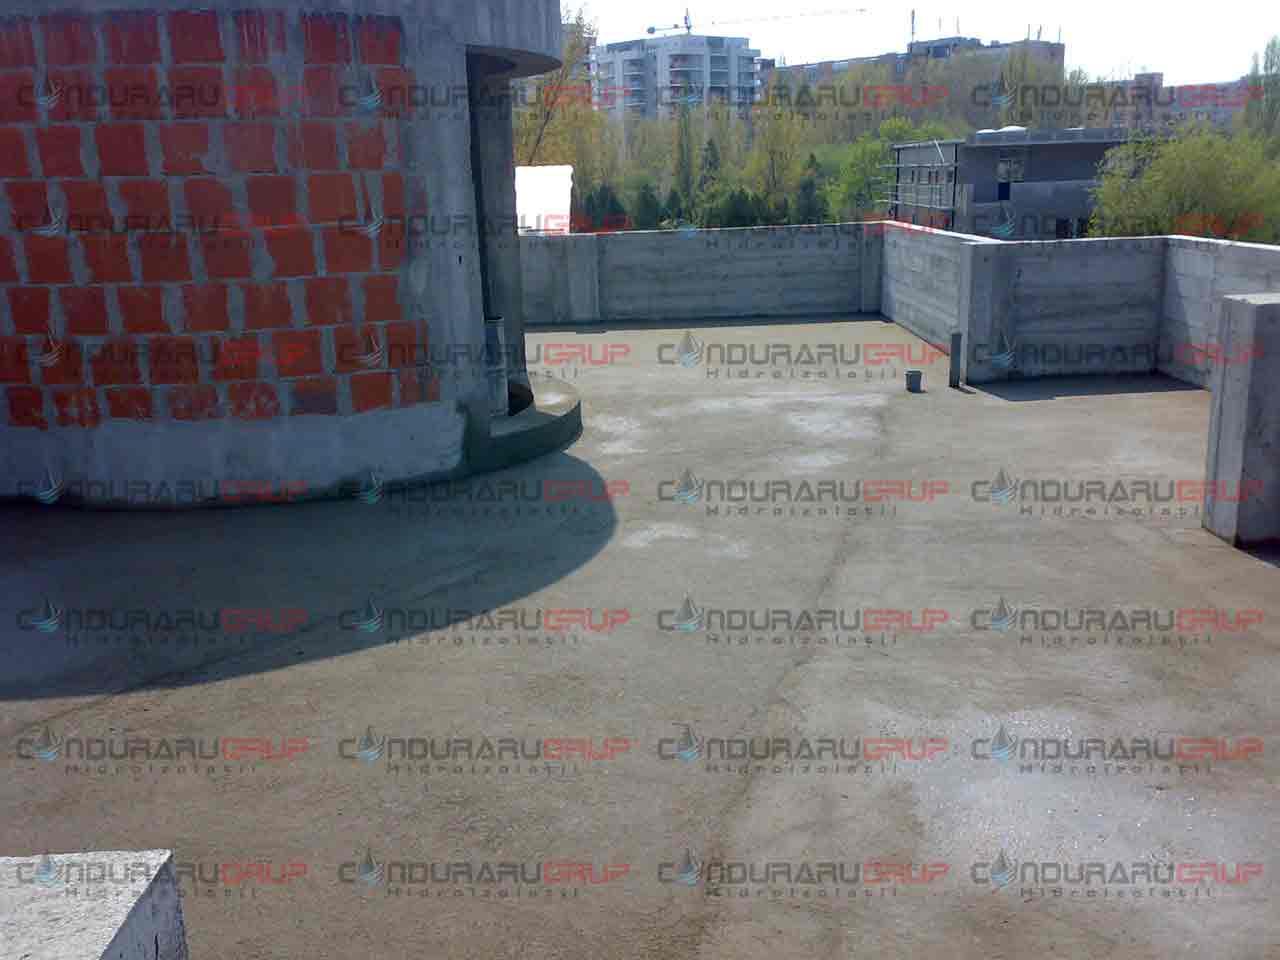 Constructii civile P+2 CONDURARU GRUP - Poza 8